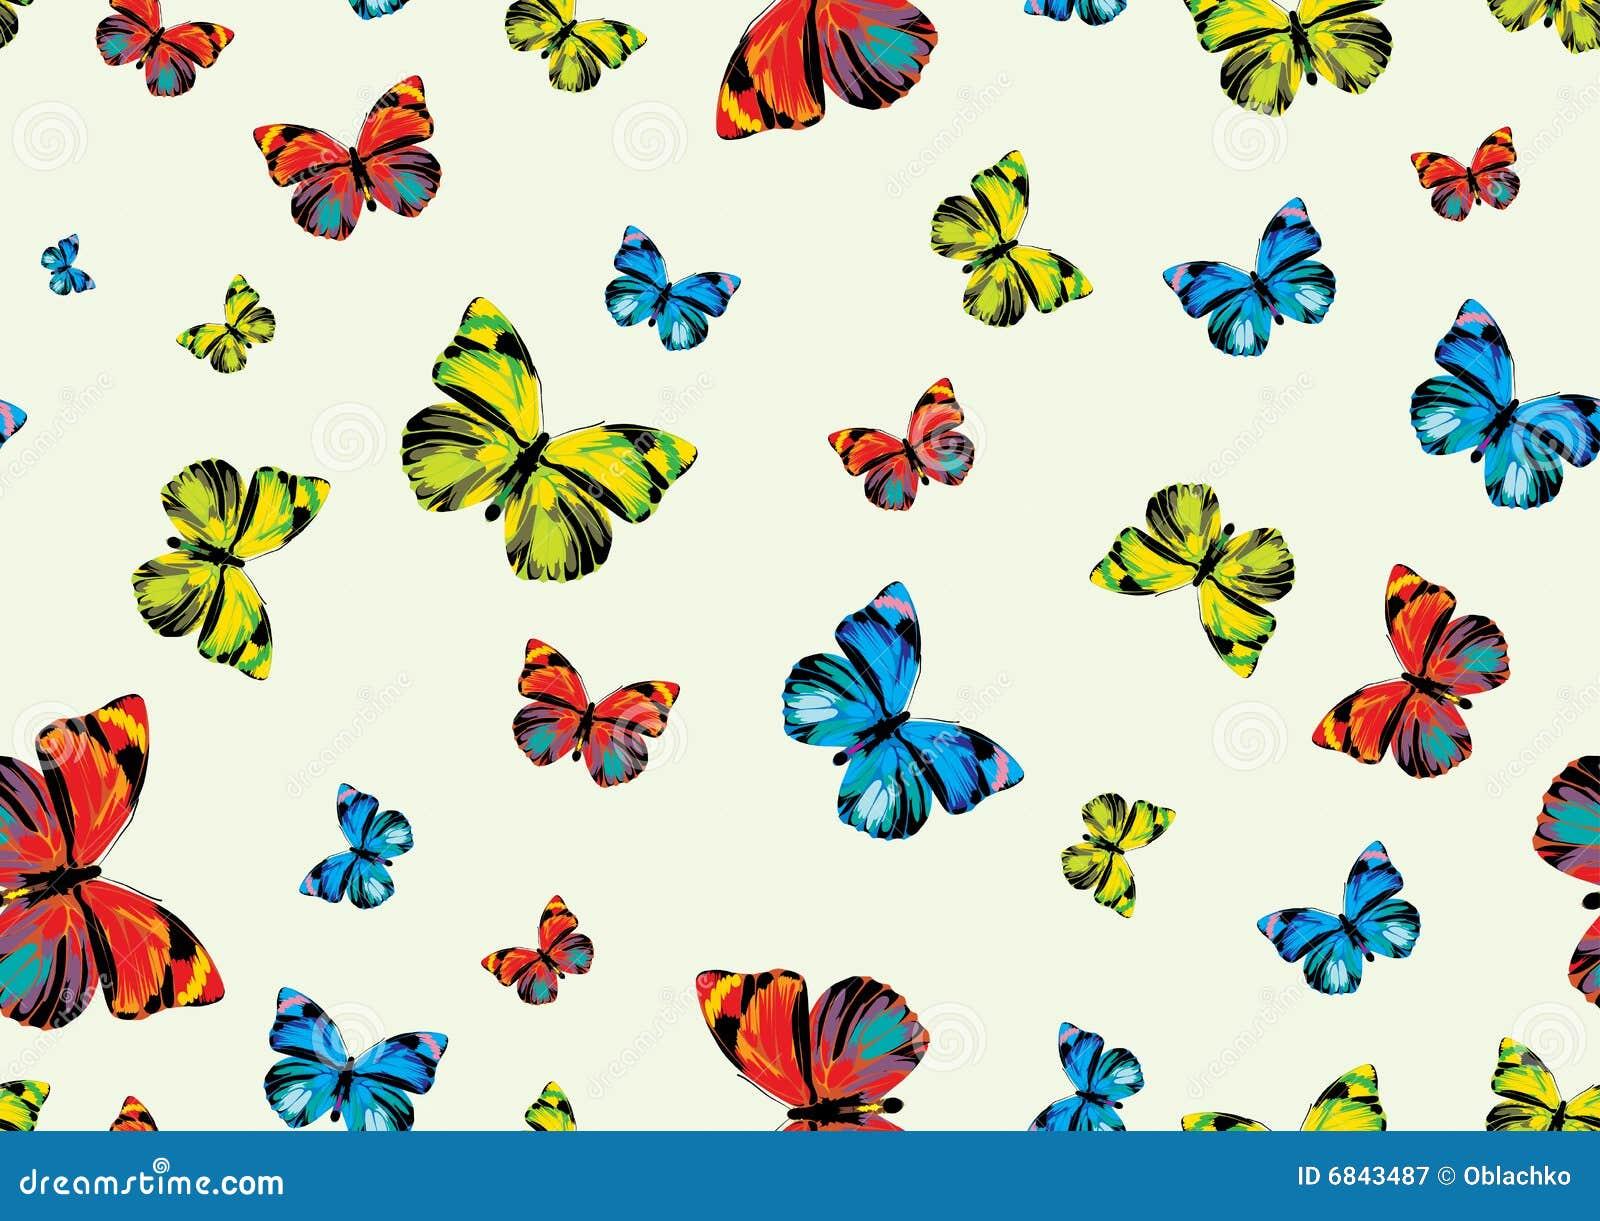 质朴的蝴蝶